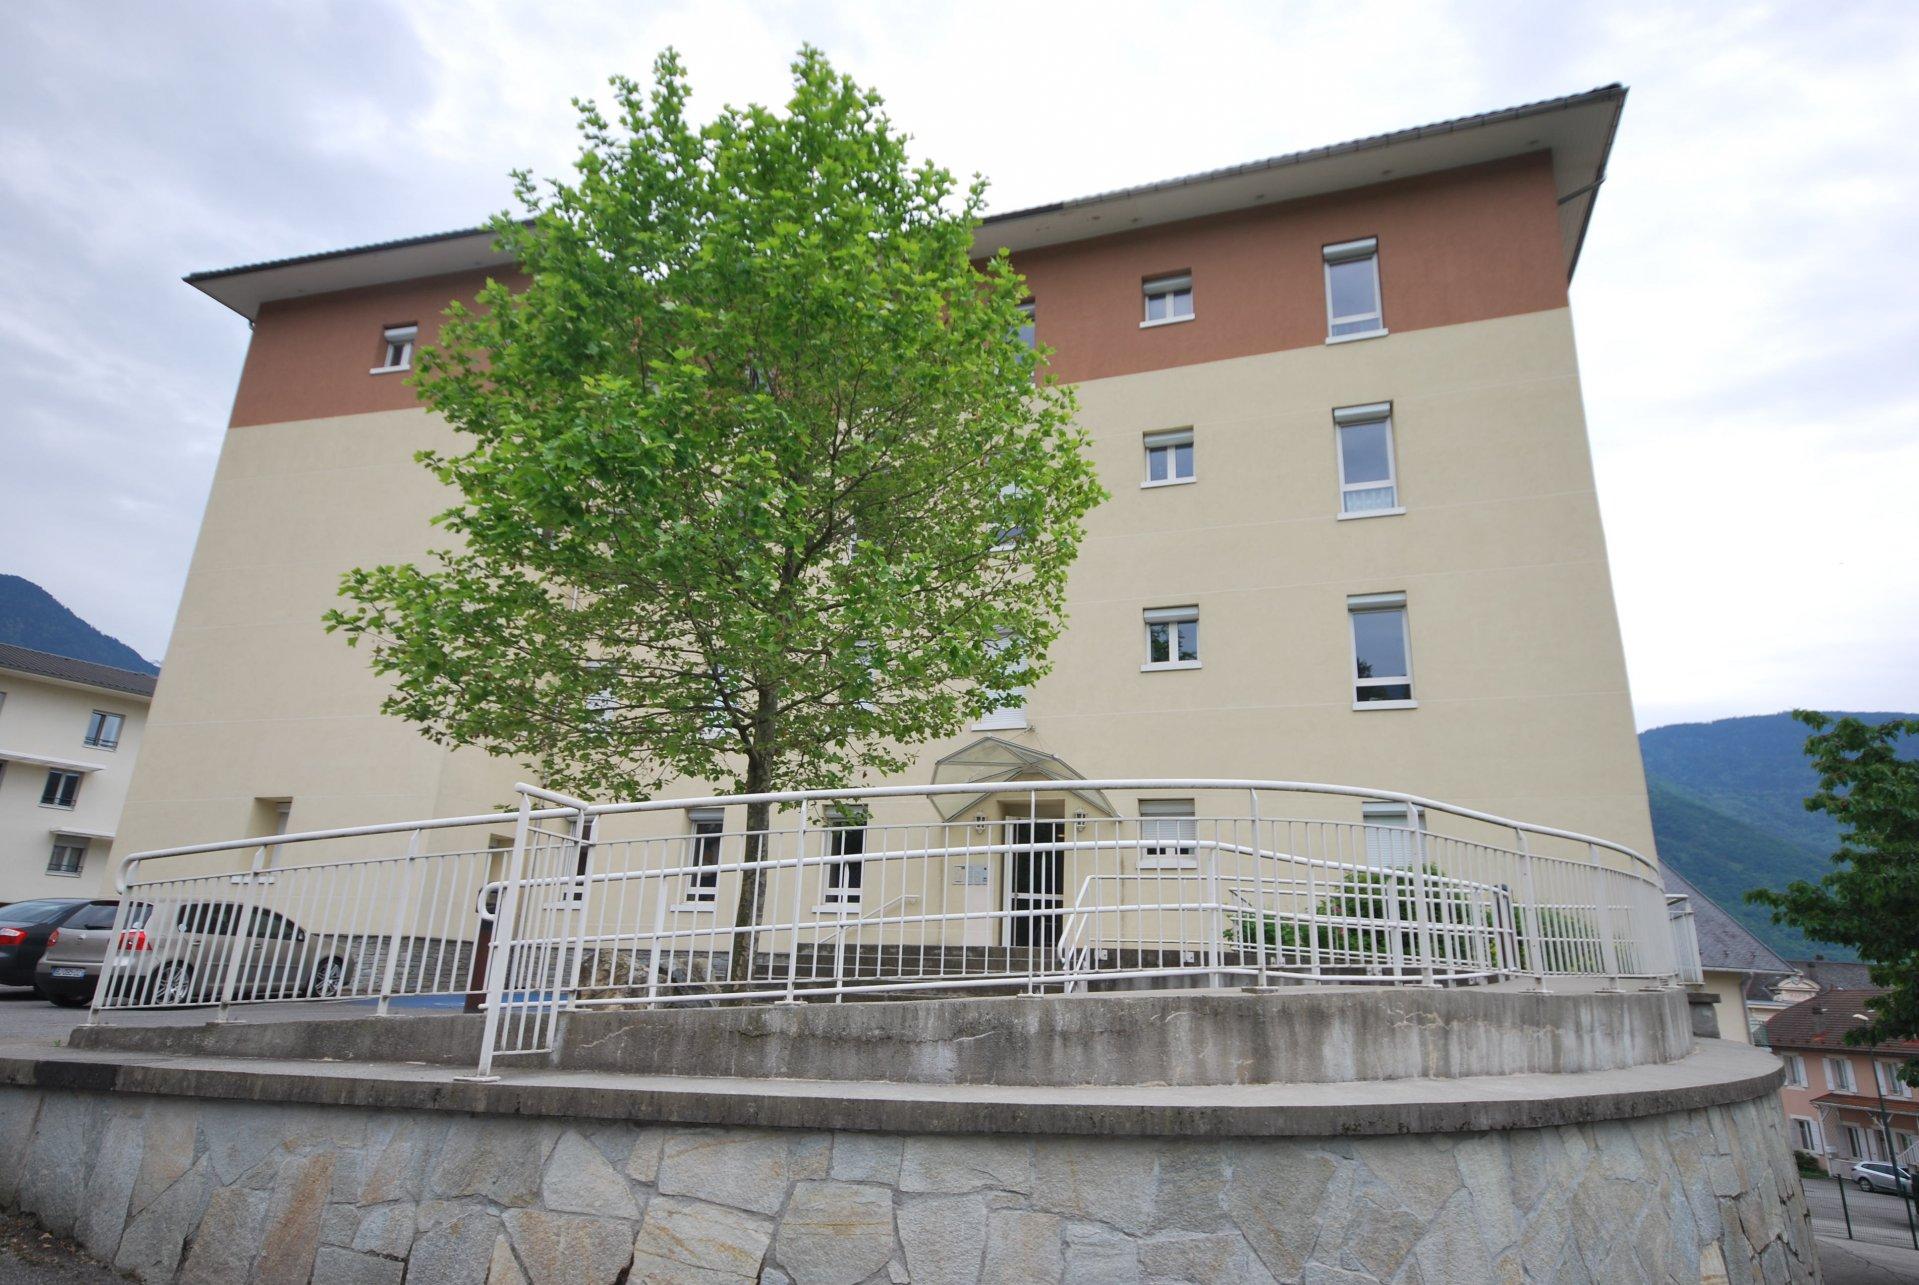 Appartement T1 et stationnement